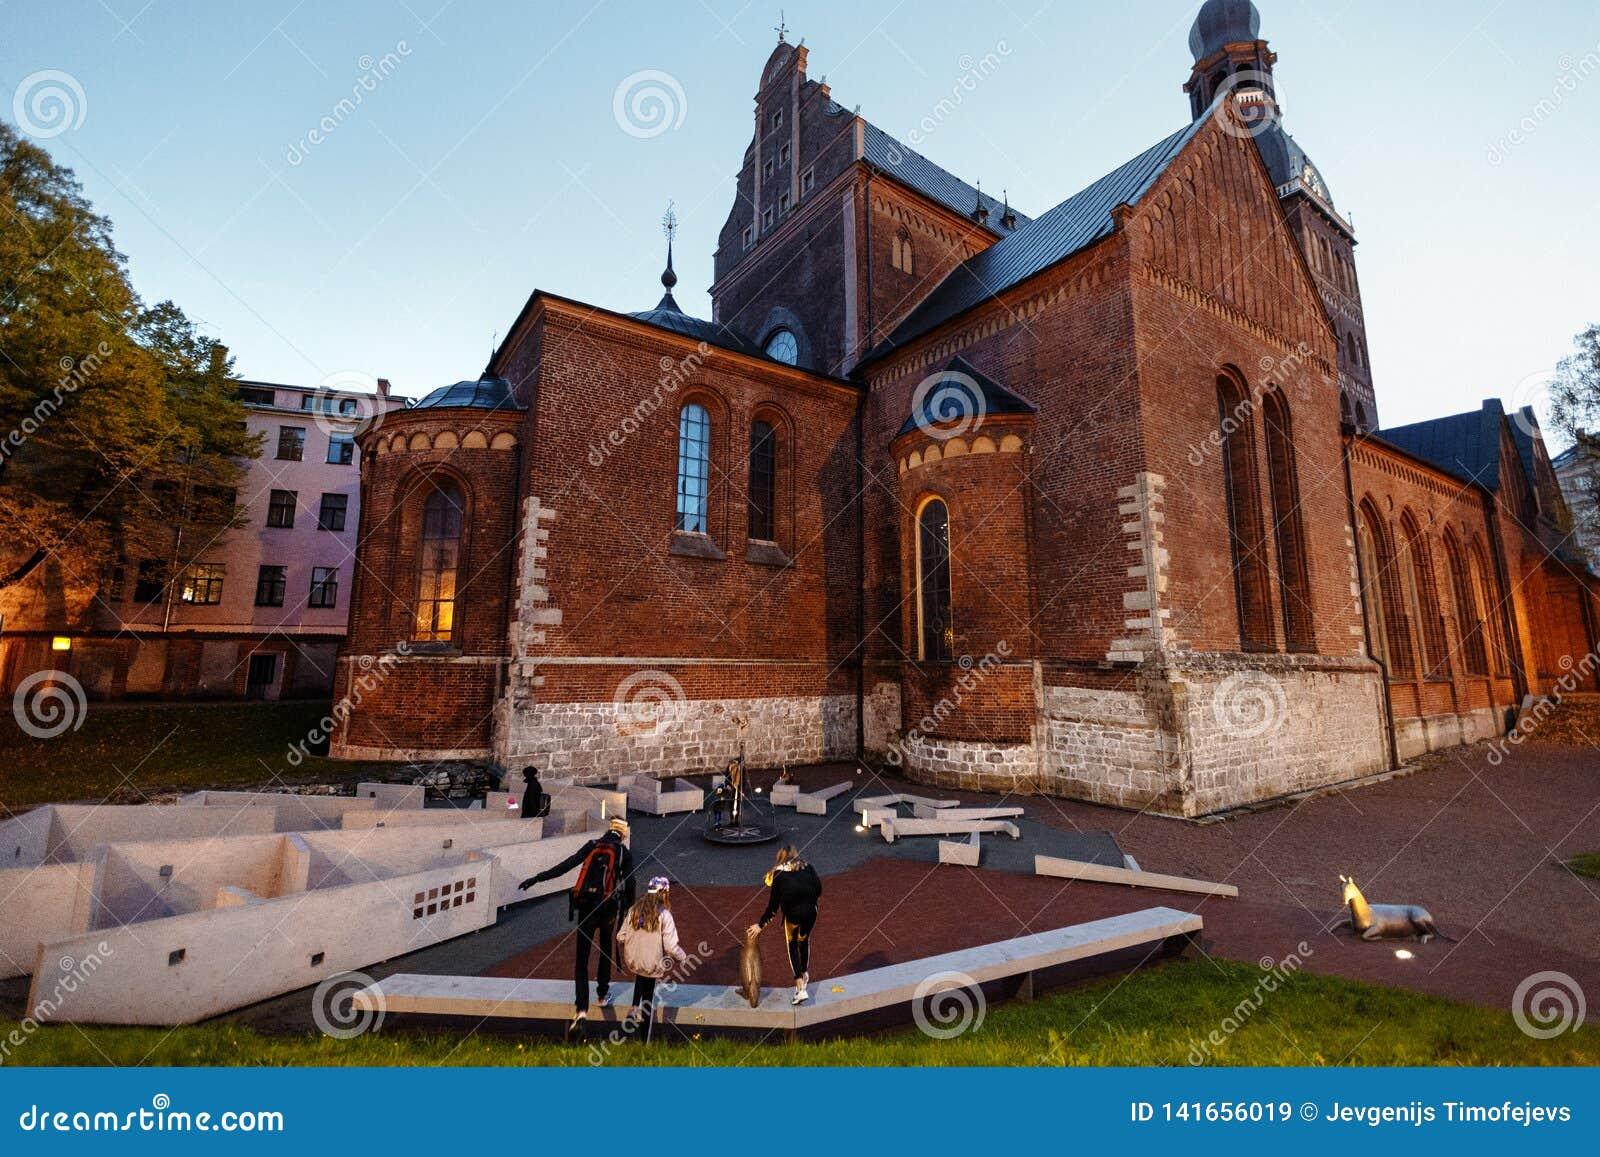 Старая Рига вечером, Латвия, Европа - люди идя в исторические улицы европейской столицы - laukums Doma с